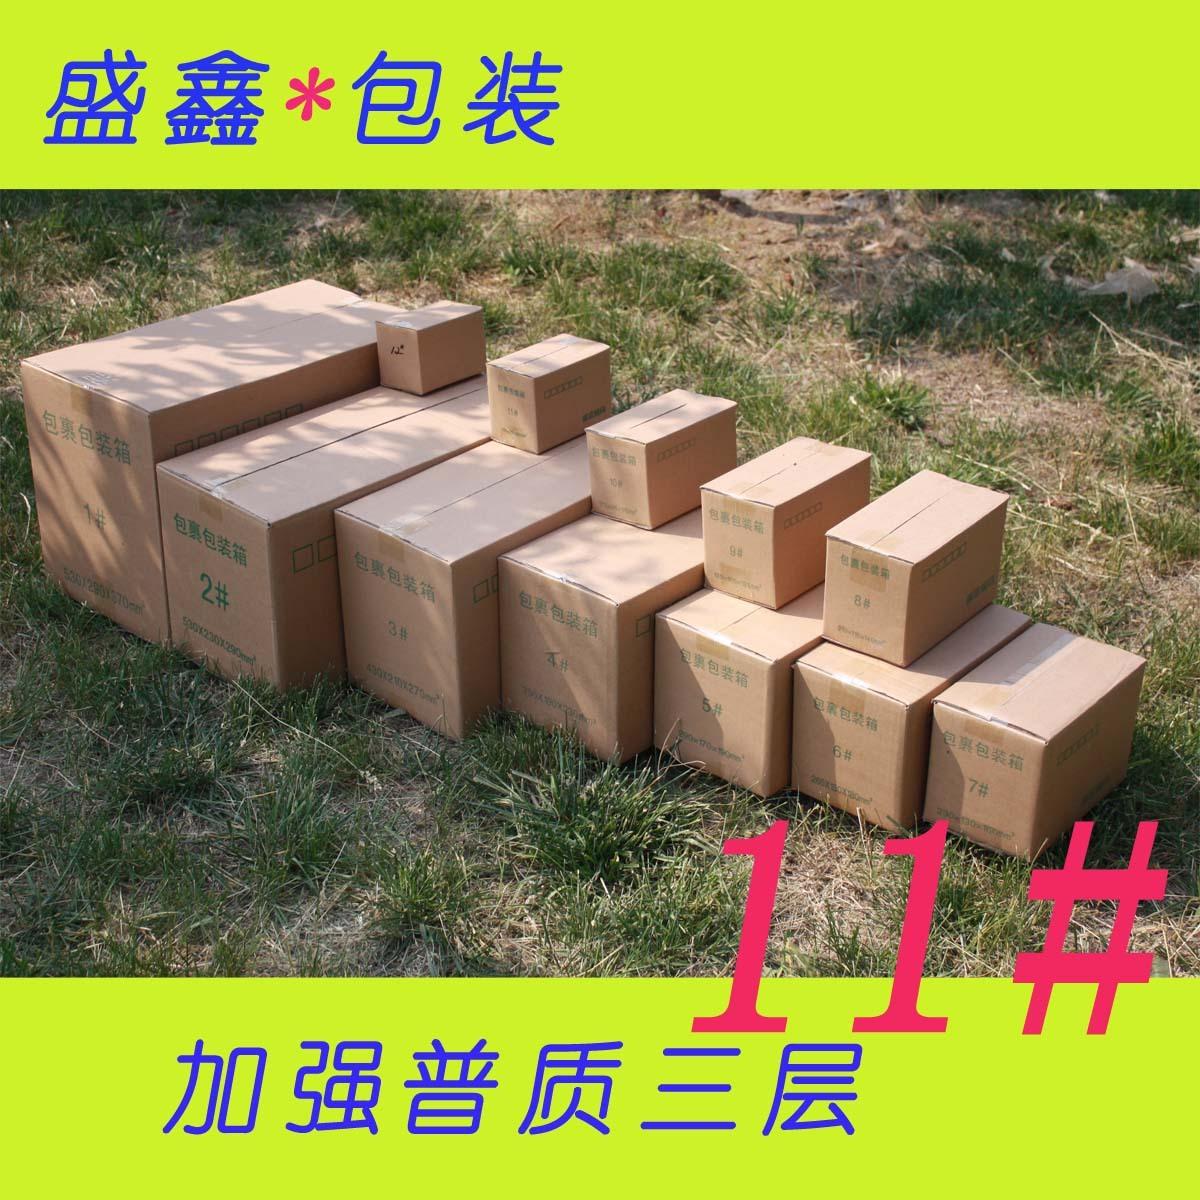 普质三层纸箱子11号小号淘宝快递邮政发货打包纸箱纸箱子定做批发